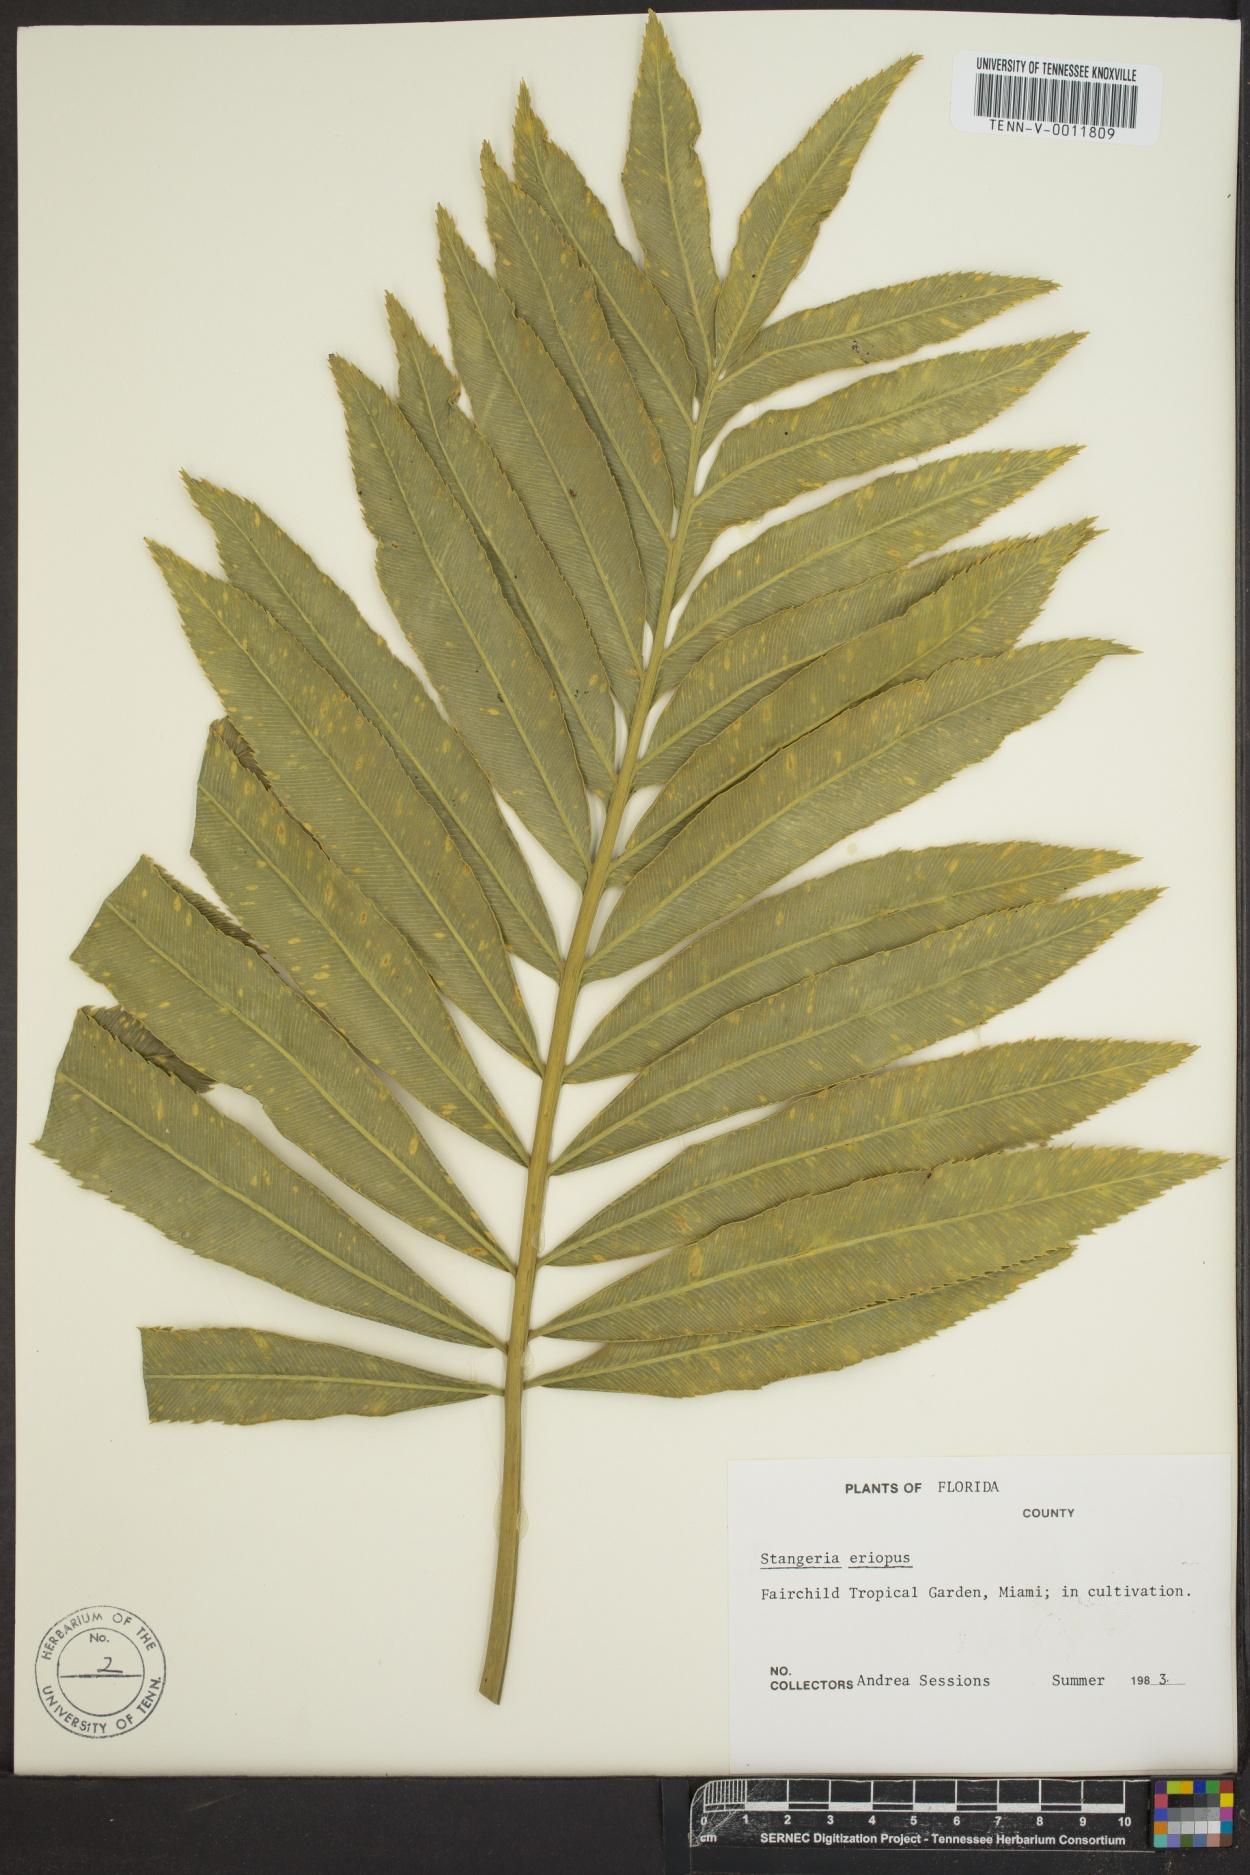 Stangeria eriopus image